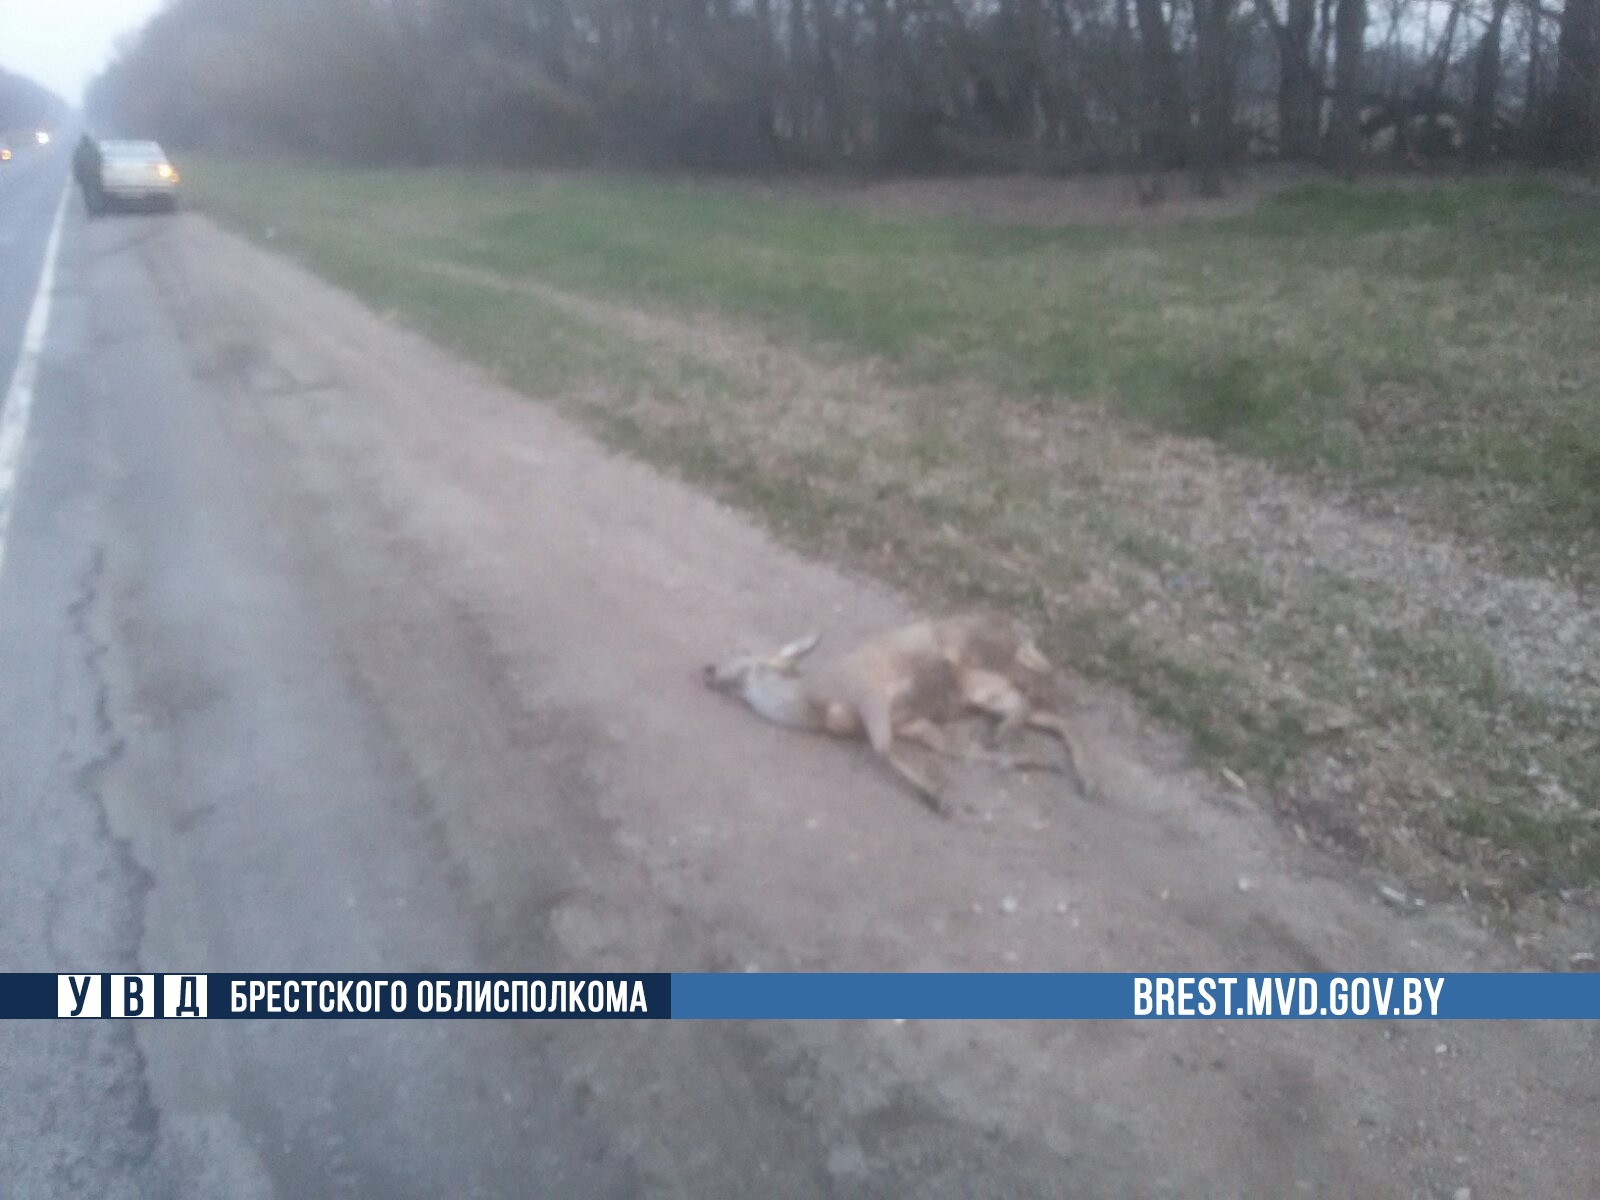 В Ляховичском районе автомобиль «Ситроен» столкнулся с косулей